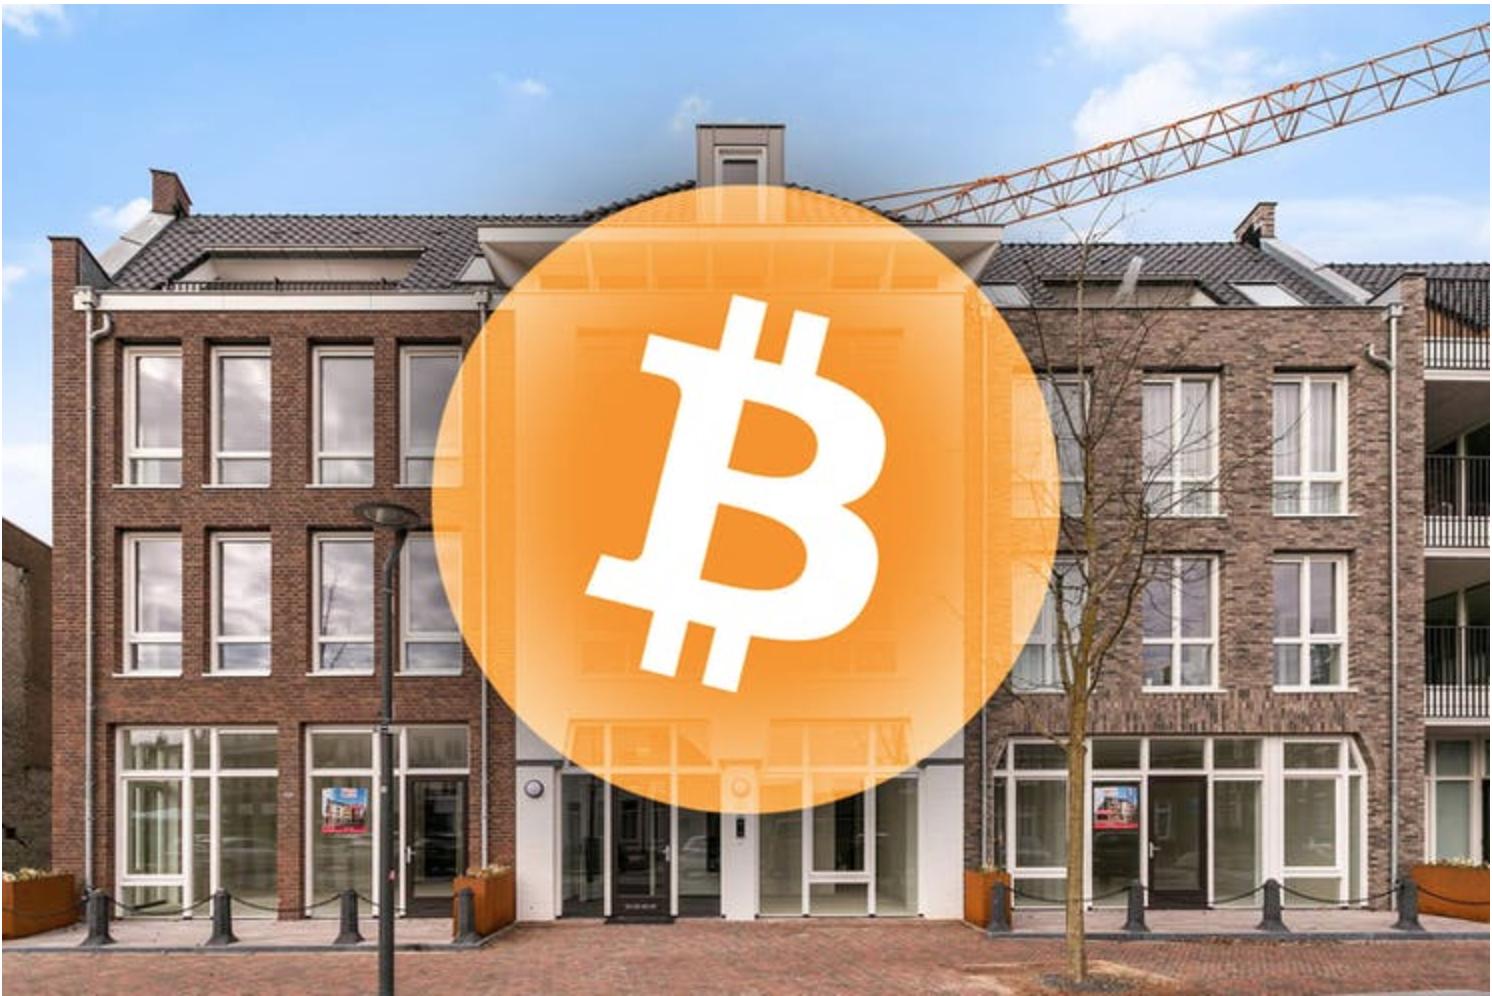 Huis verkopen met Bitcoin